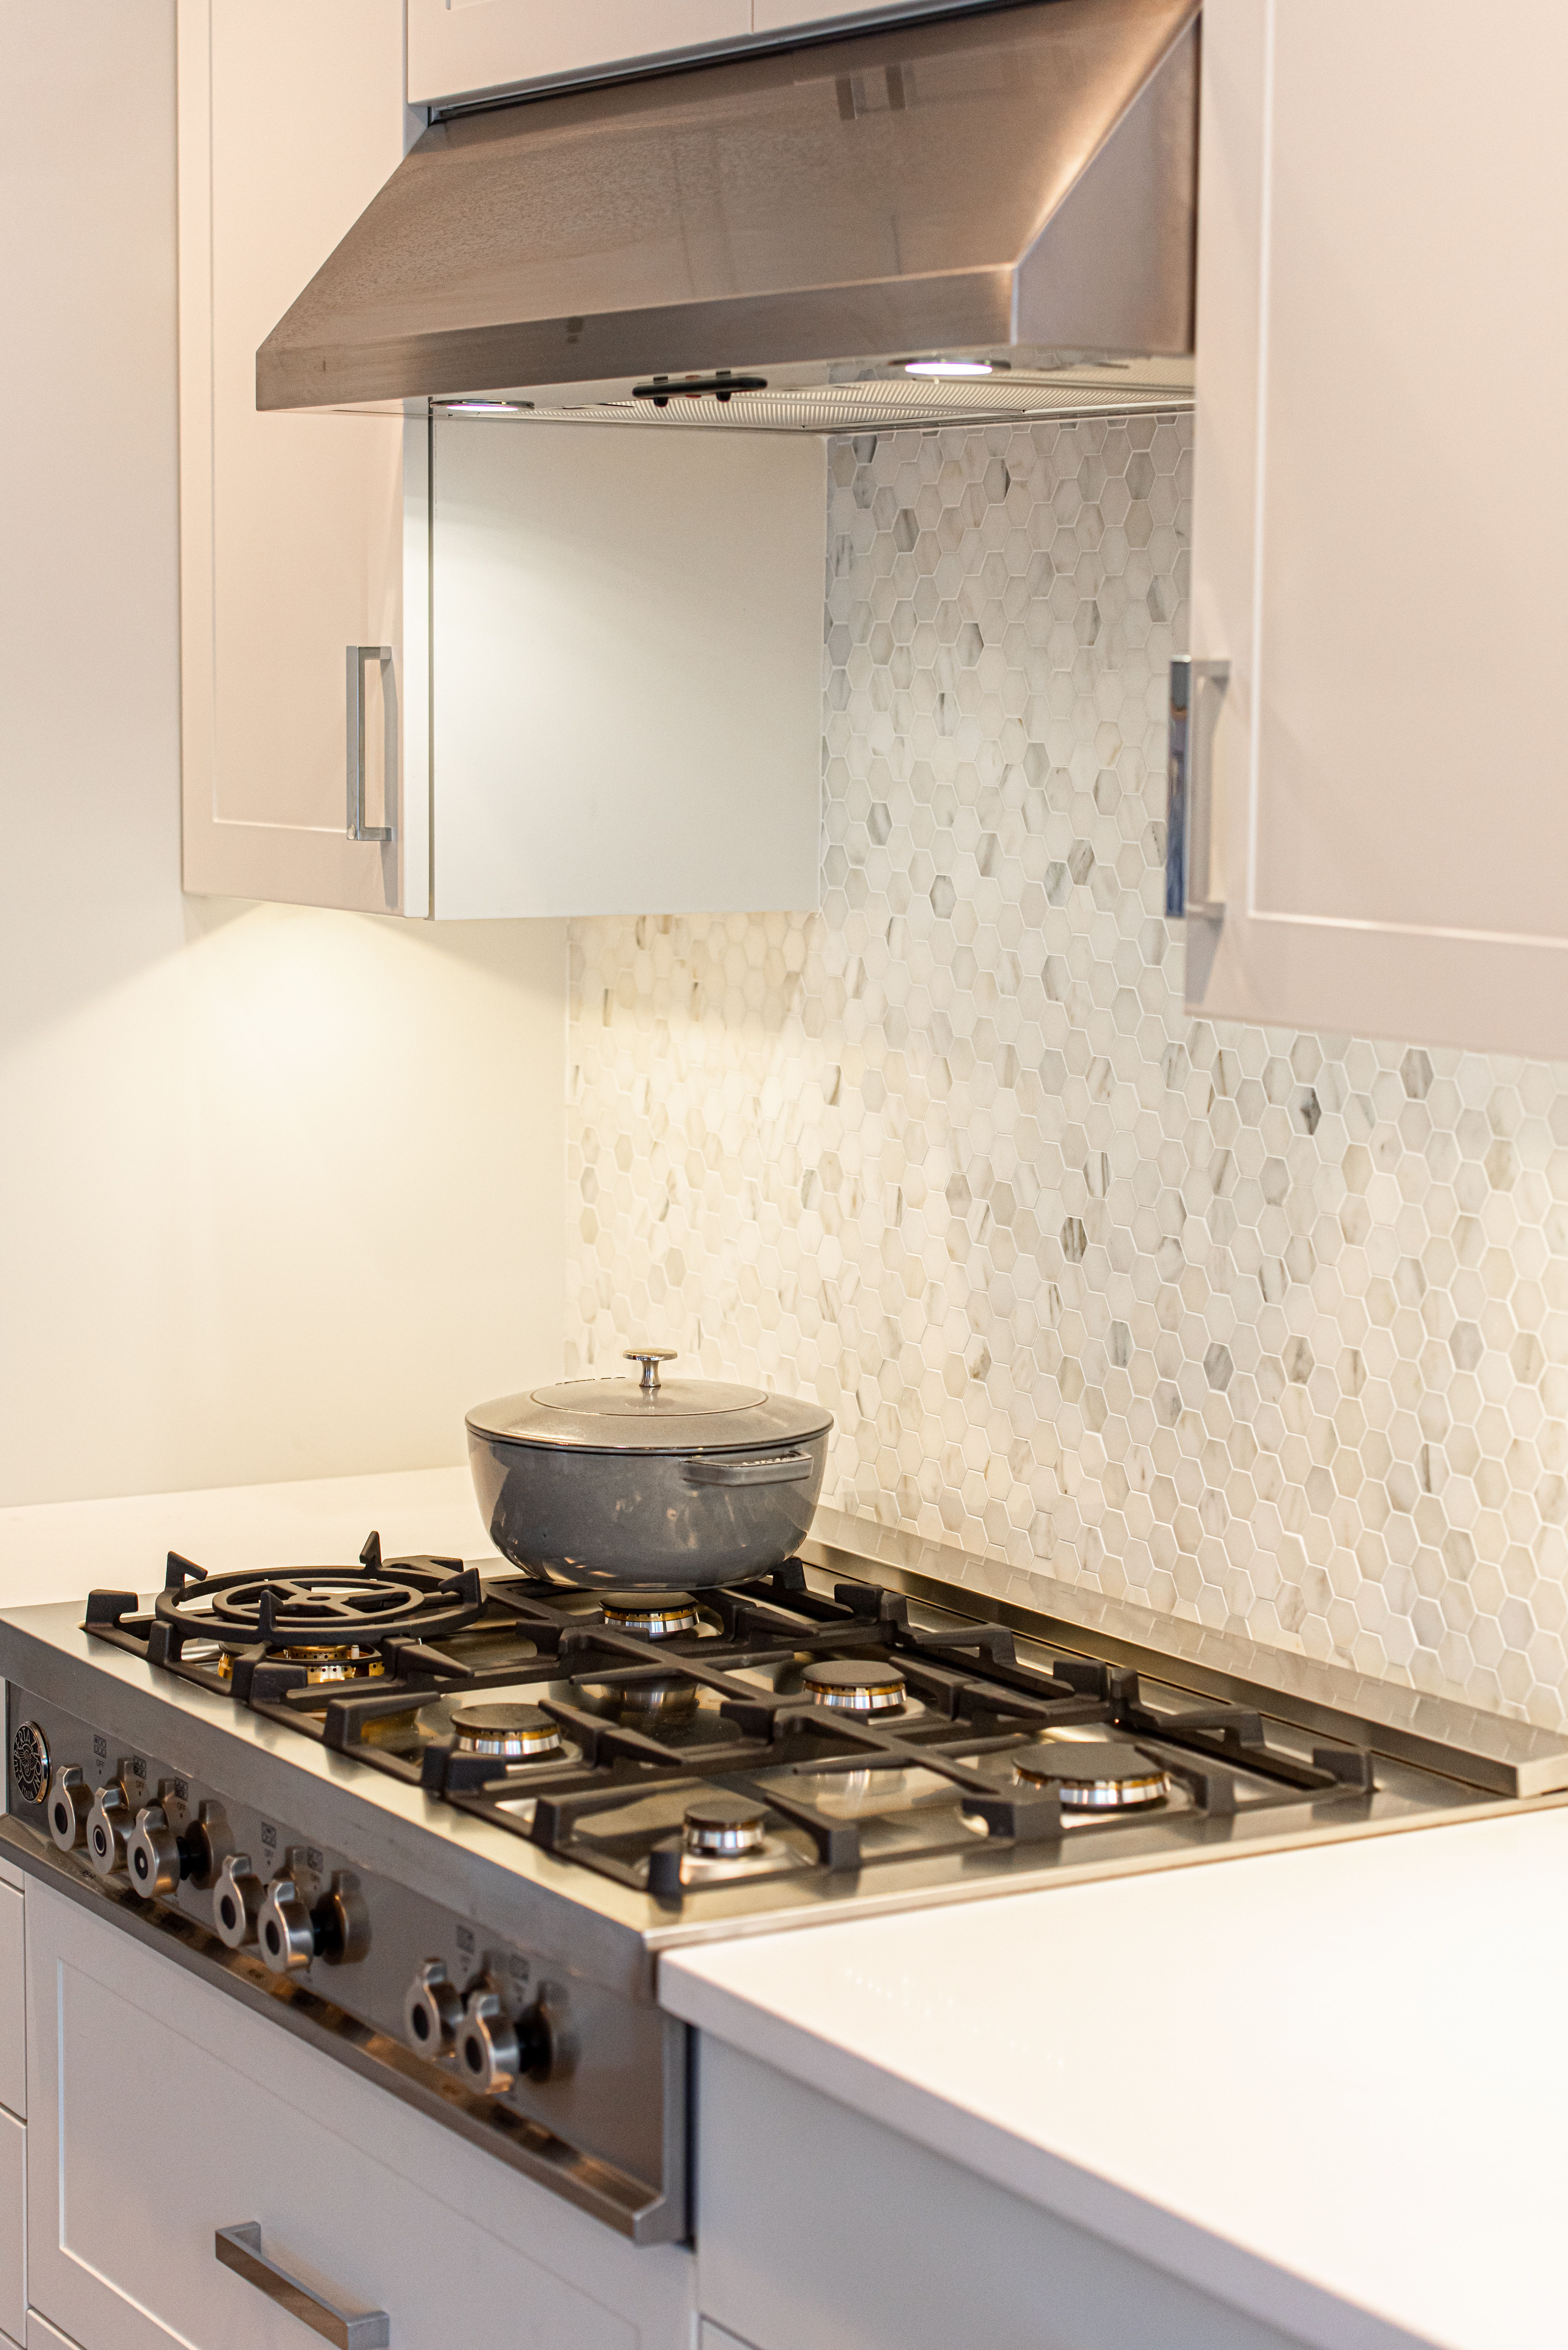 36 Undermount Canopy Hood Worktop Designs Range Top Kitchen Display